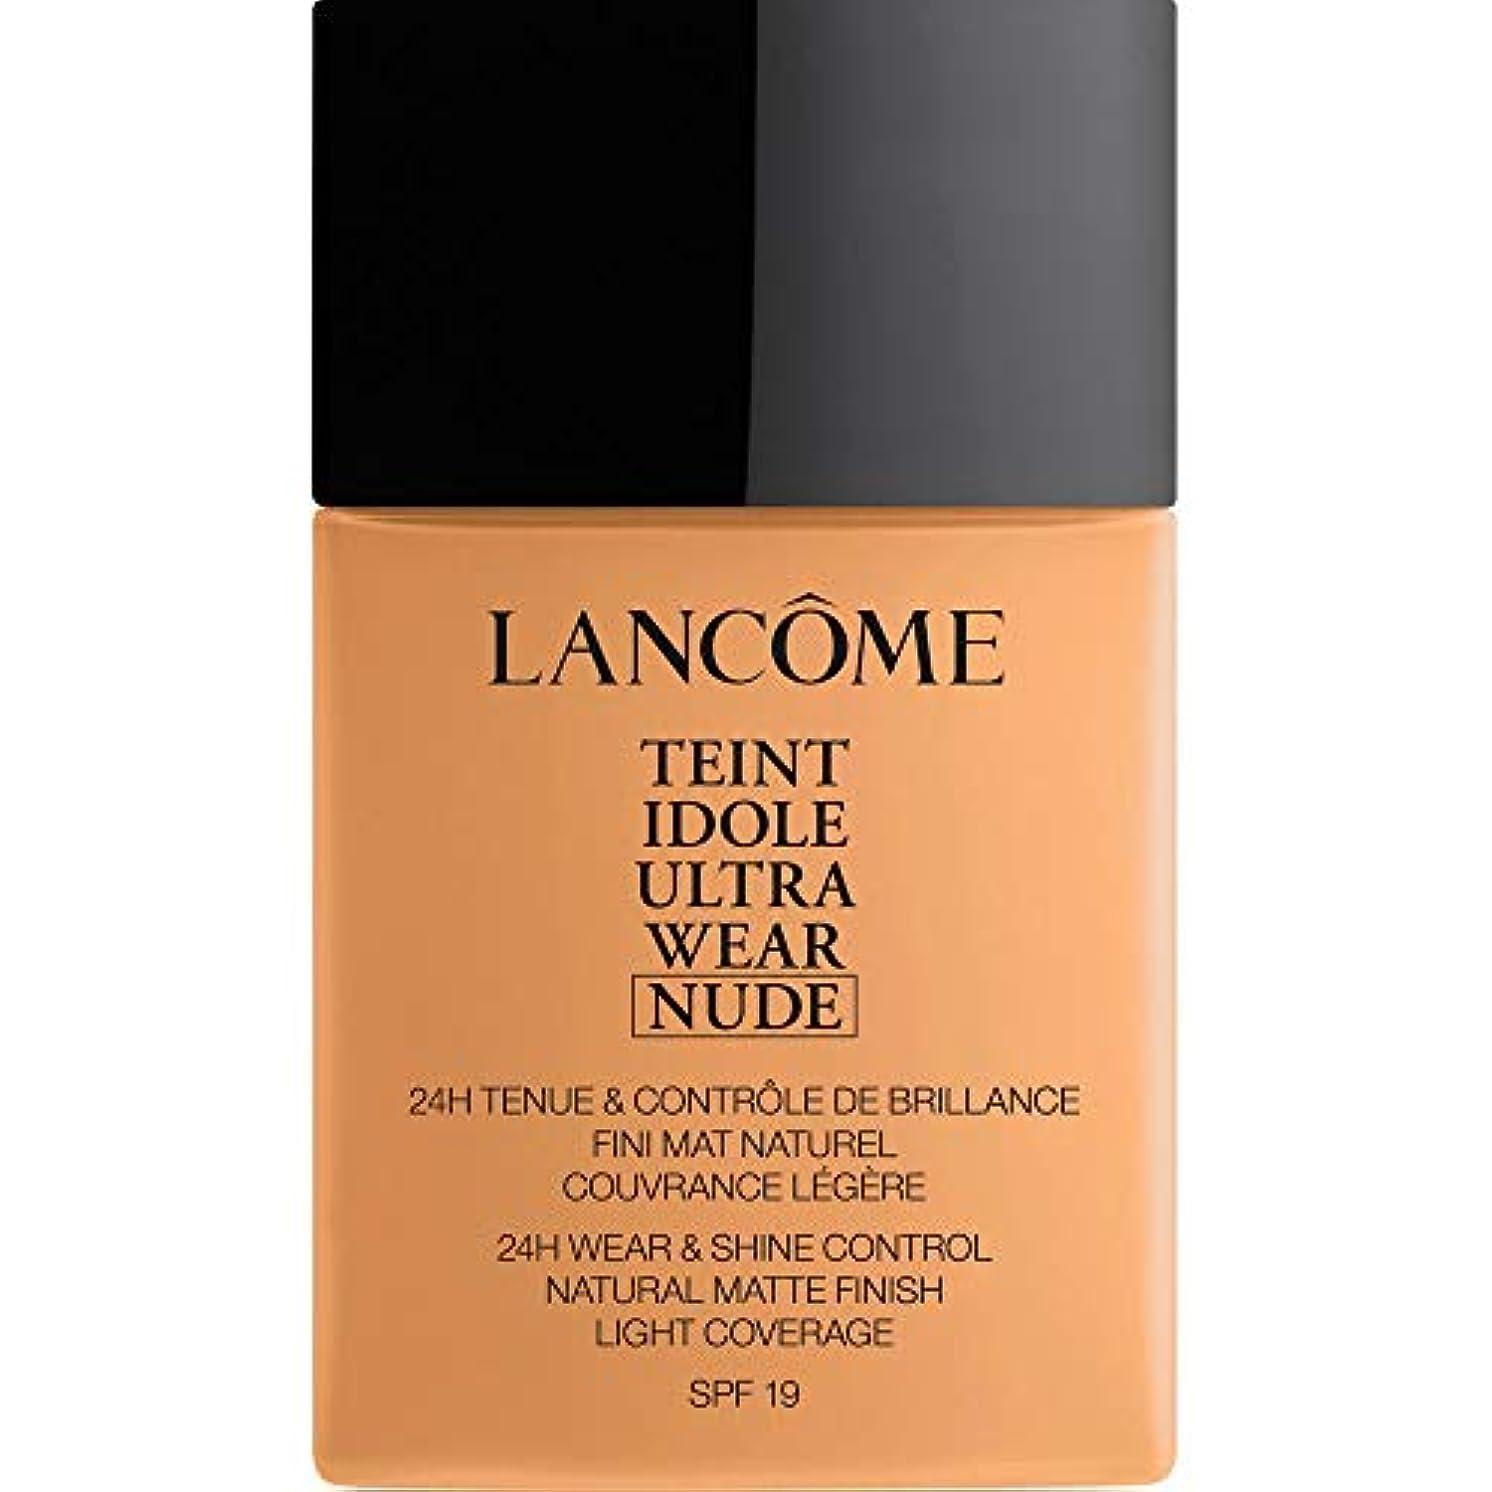 電話をかける晴れ特性[Lanc?me ] ランコムTeintのIdole超摩耗ヌード財団Spf19の40ミリリットル051 - Chataigne - Lancome Teint Idole Ultra Wear Nude Foundation...